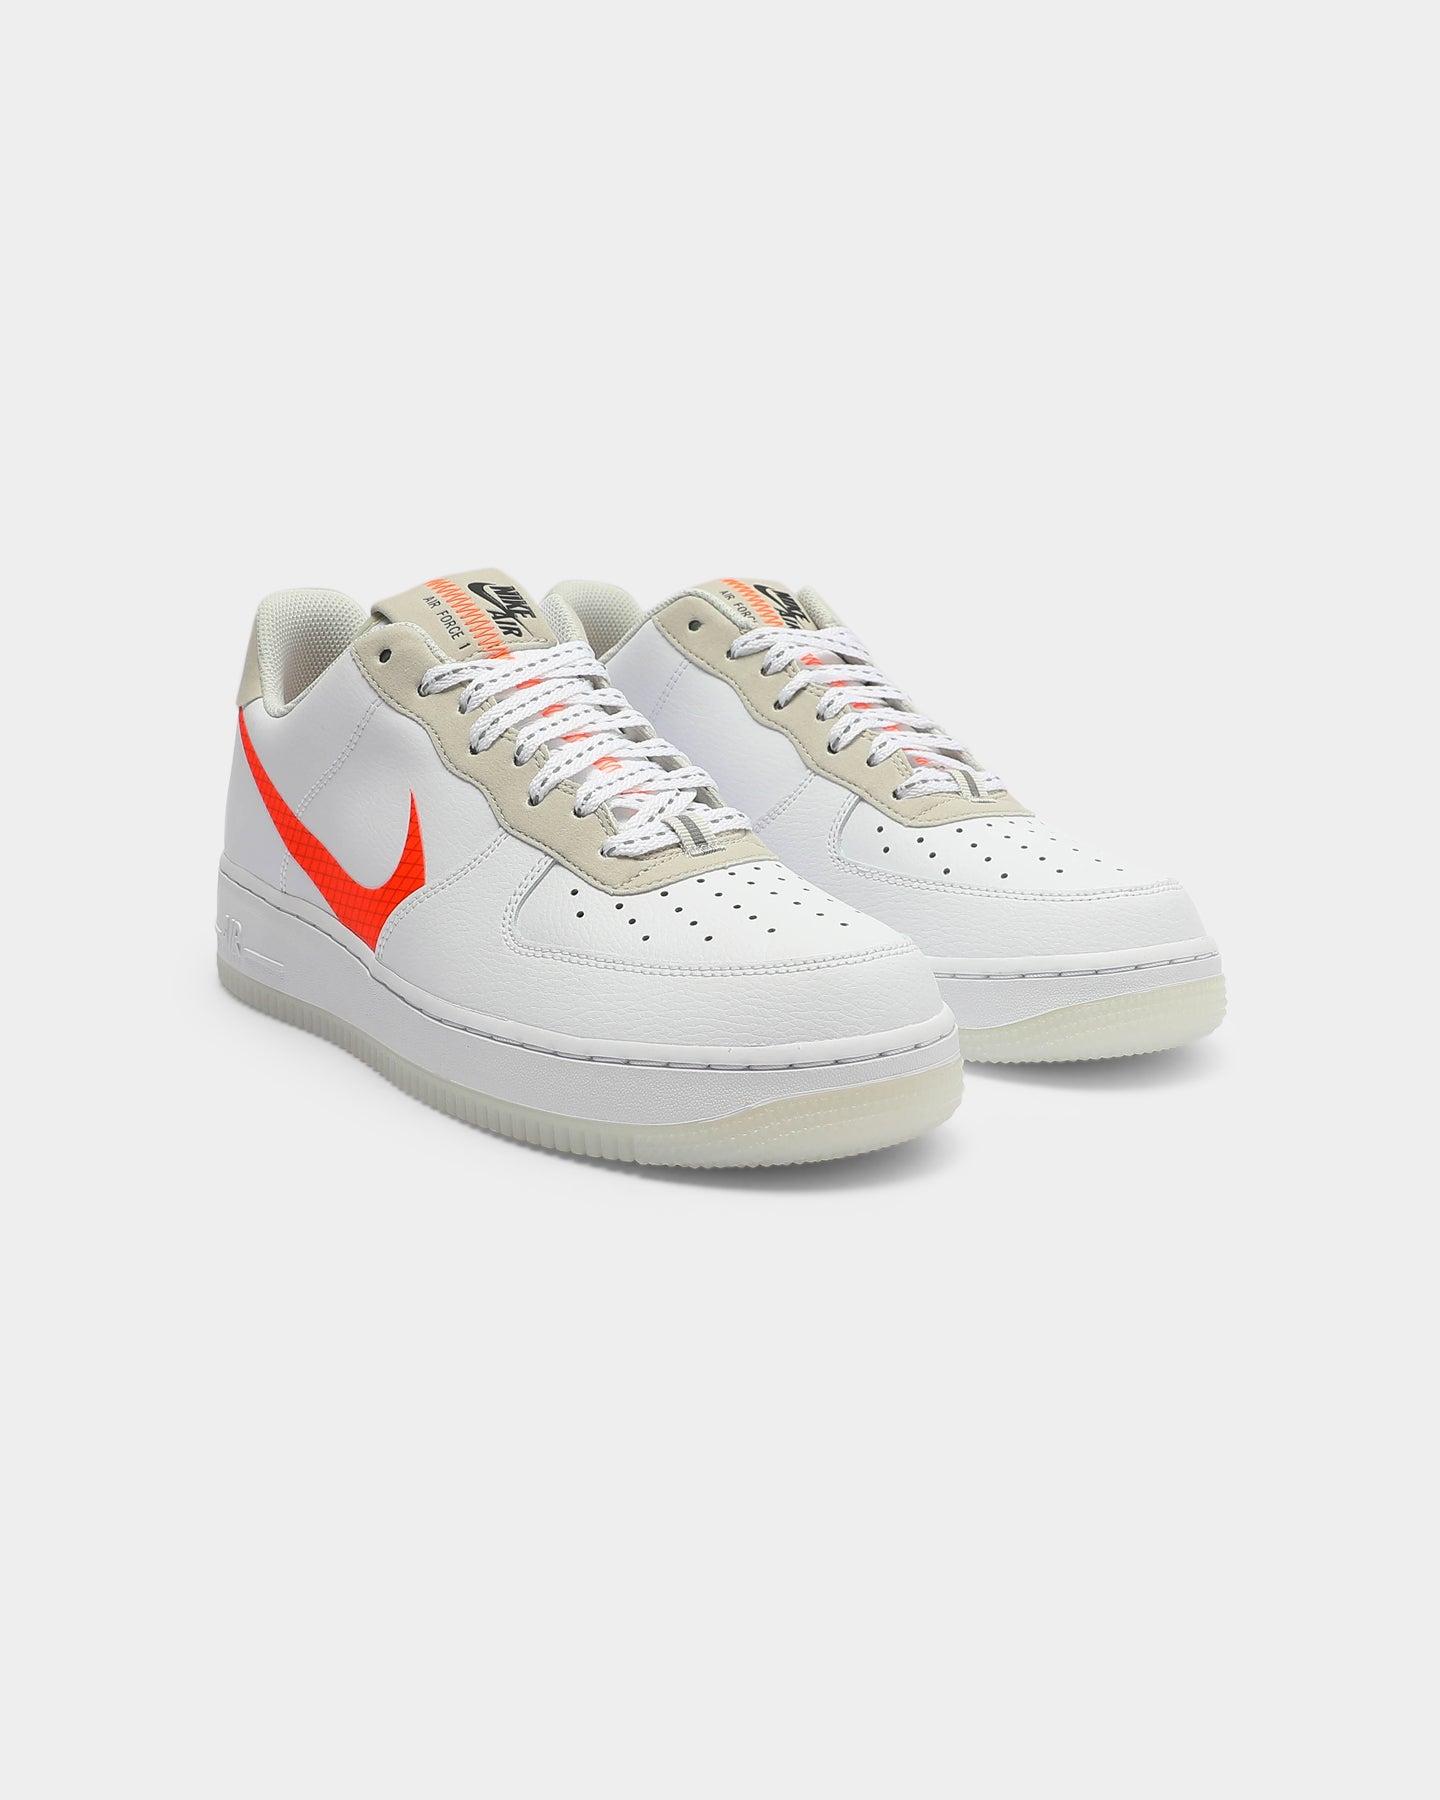 Buy Nike Air Force 1 07 LV8 3 Mens Trainers CD0888 (uk 8 us